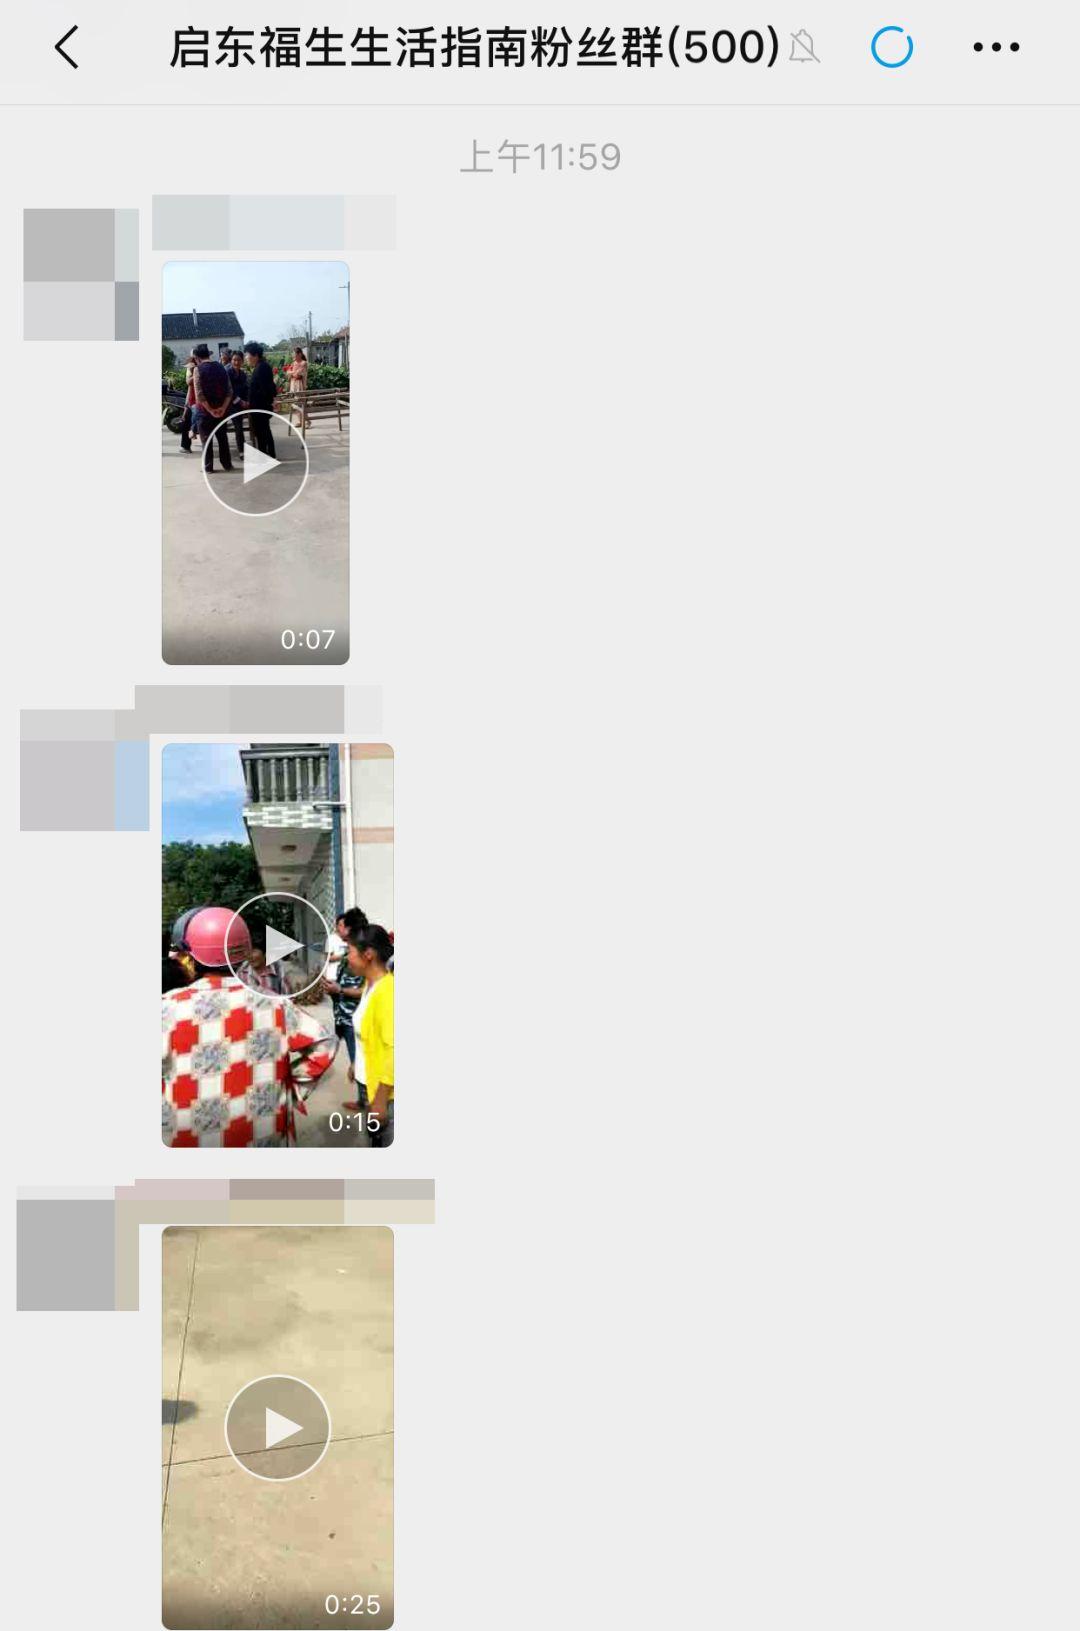 【启东突发】昨天上午,启东惠丰一老人在家中上吊自杀身亡!